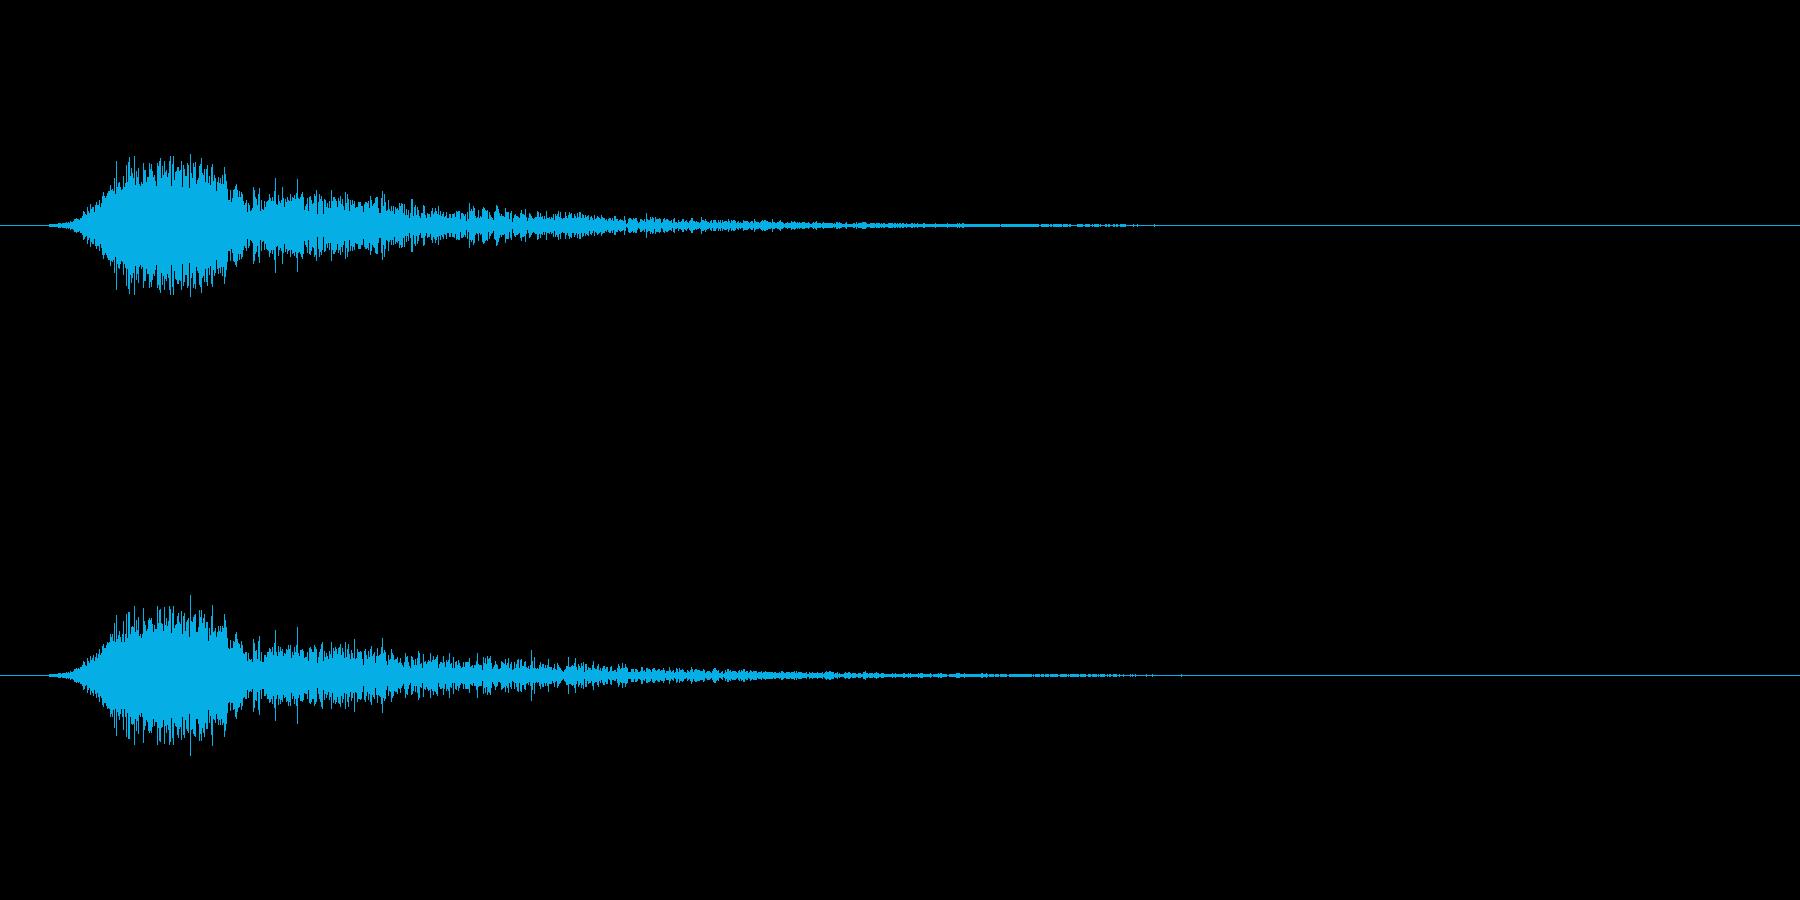 【ショートブリッジ25-1】の再生済みの波形